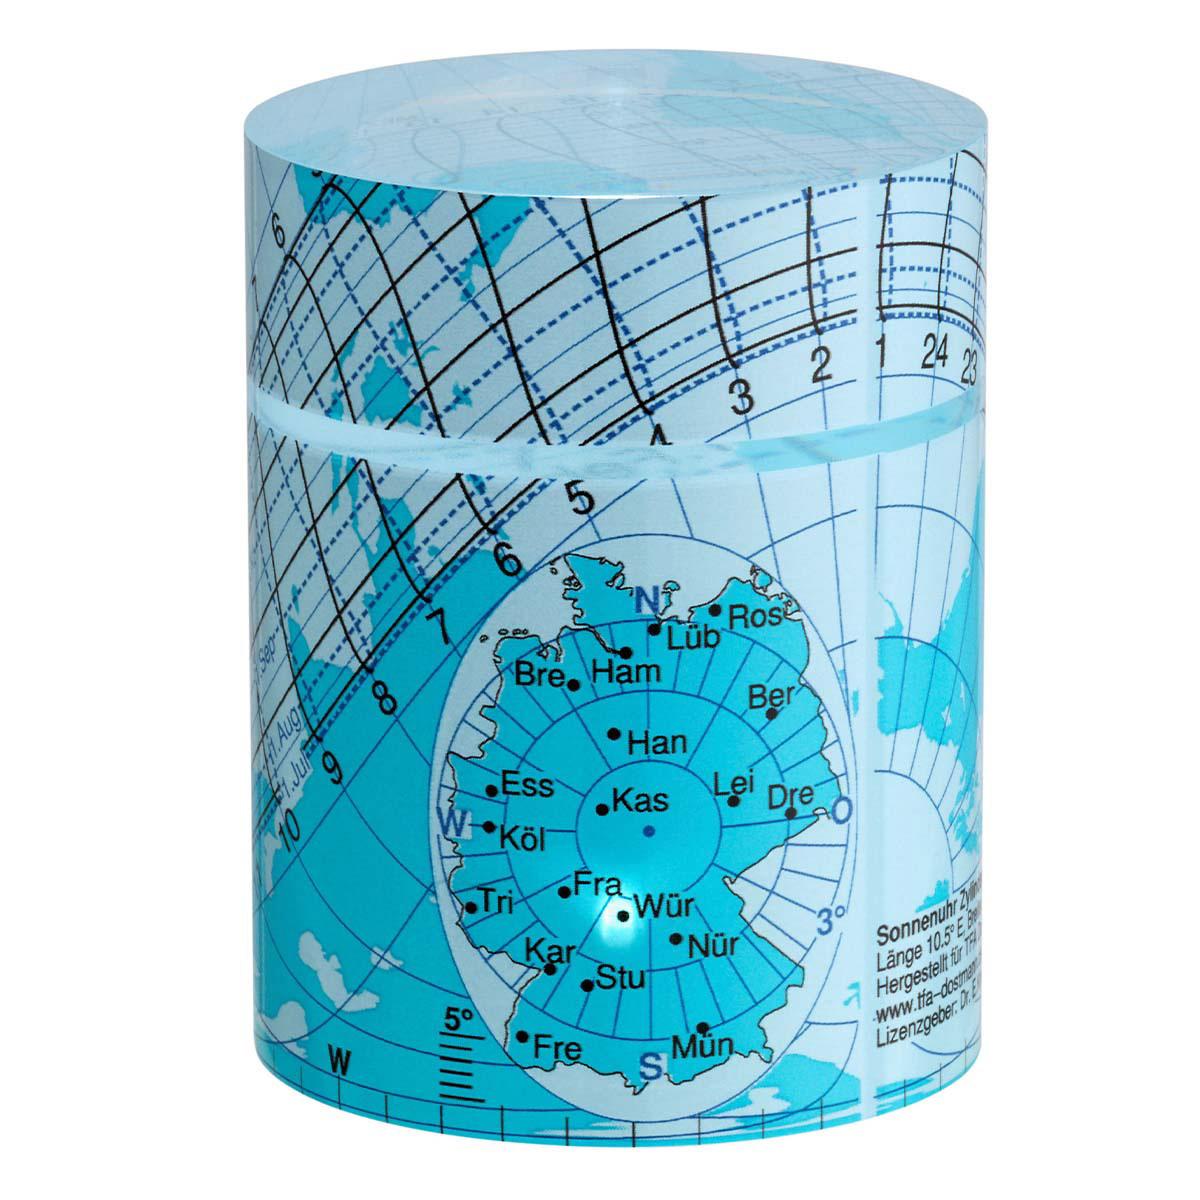 43-4000-06-zylinder-sonnenuhr-solemio-ansicht-1200x1200px.jpg